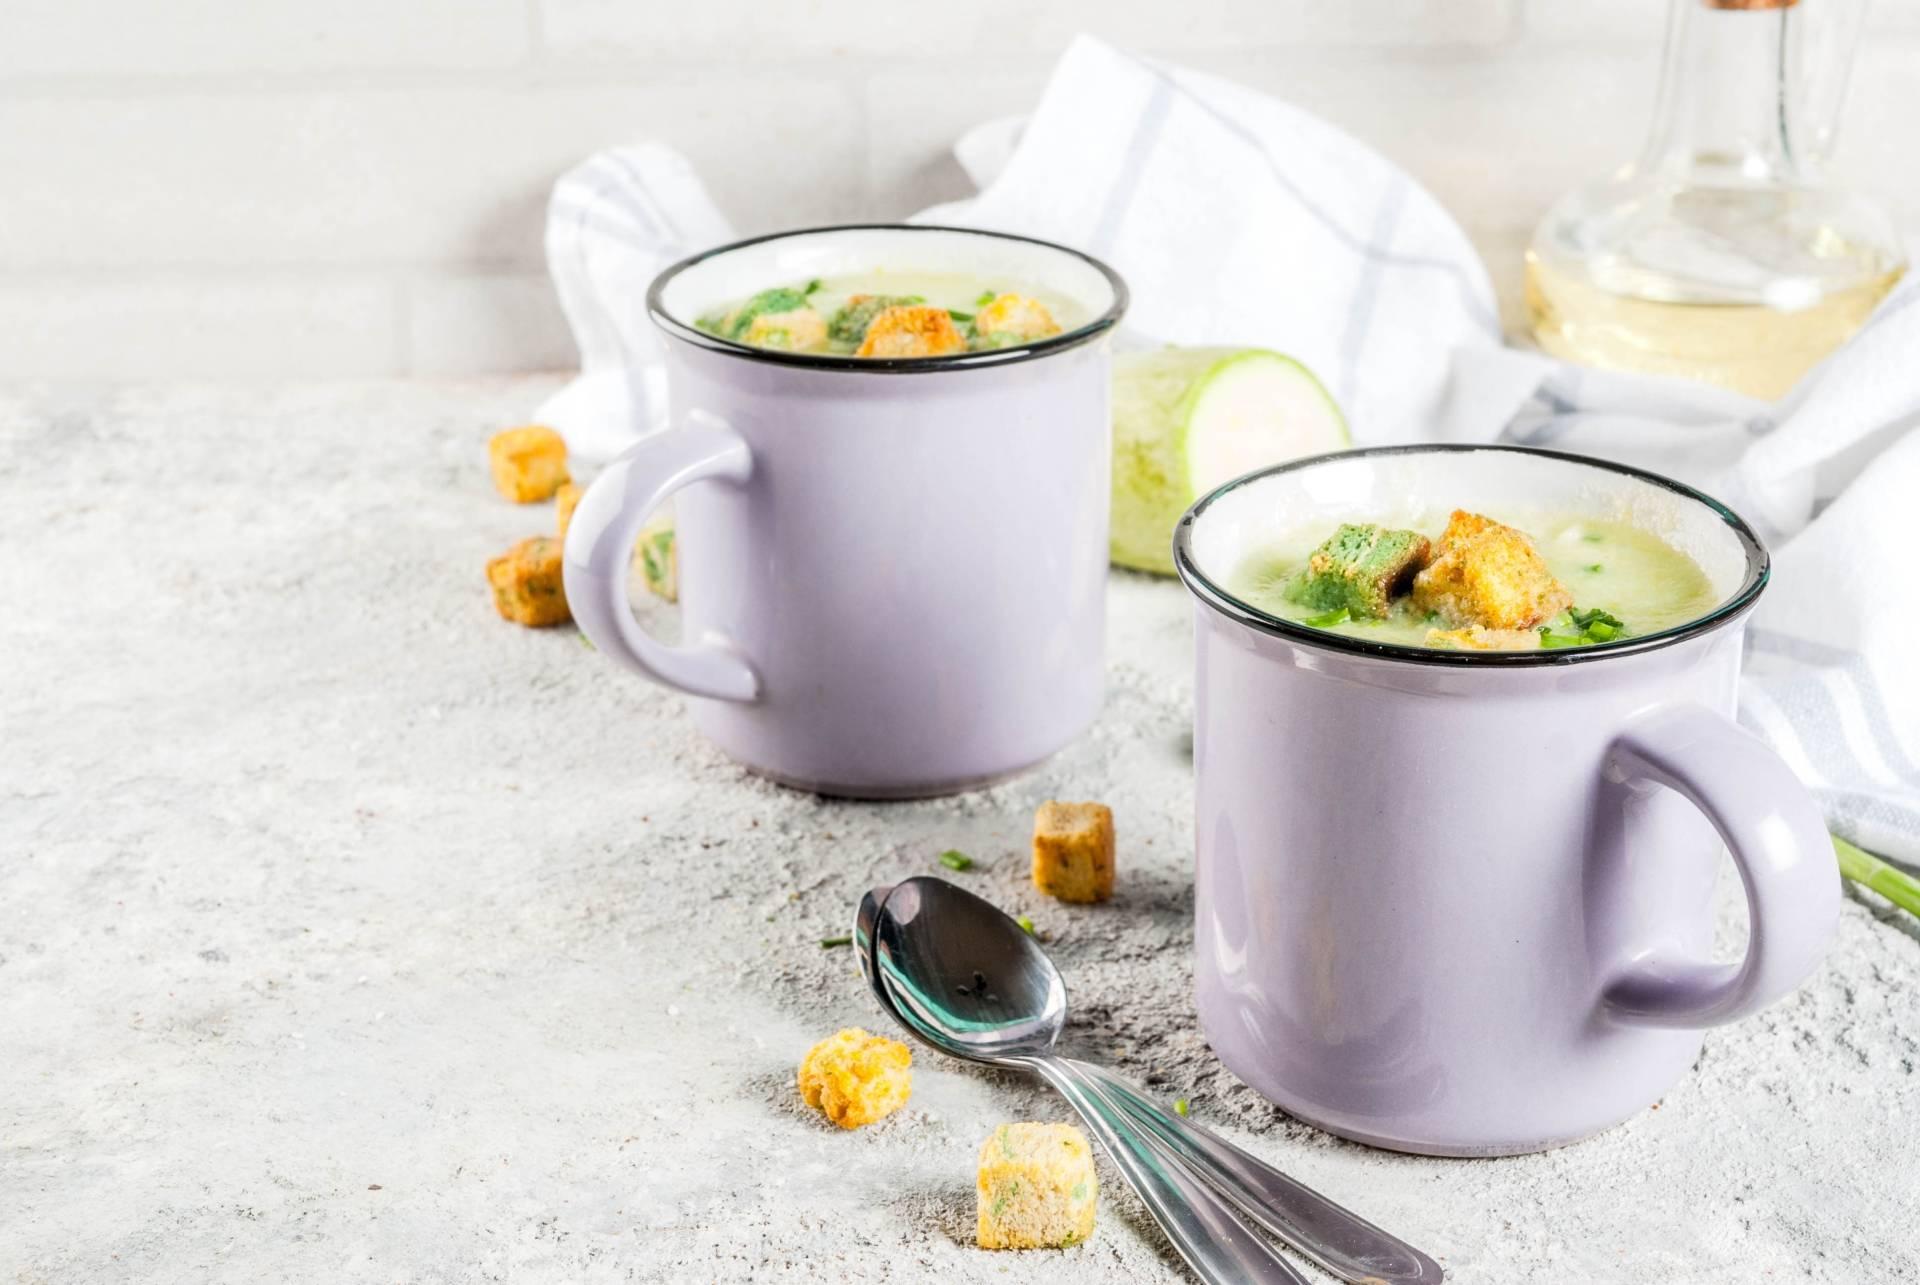 Zupa z cukinii w dwóch białych emaliowanych garnuszkach stojących na białym blacie, obok leżą 2 łyżki i rozrzucone grzanki.